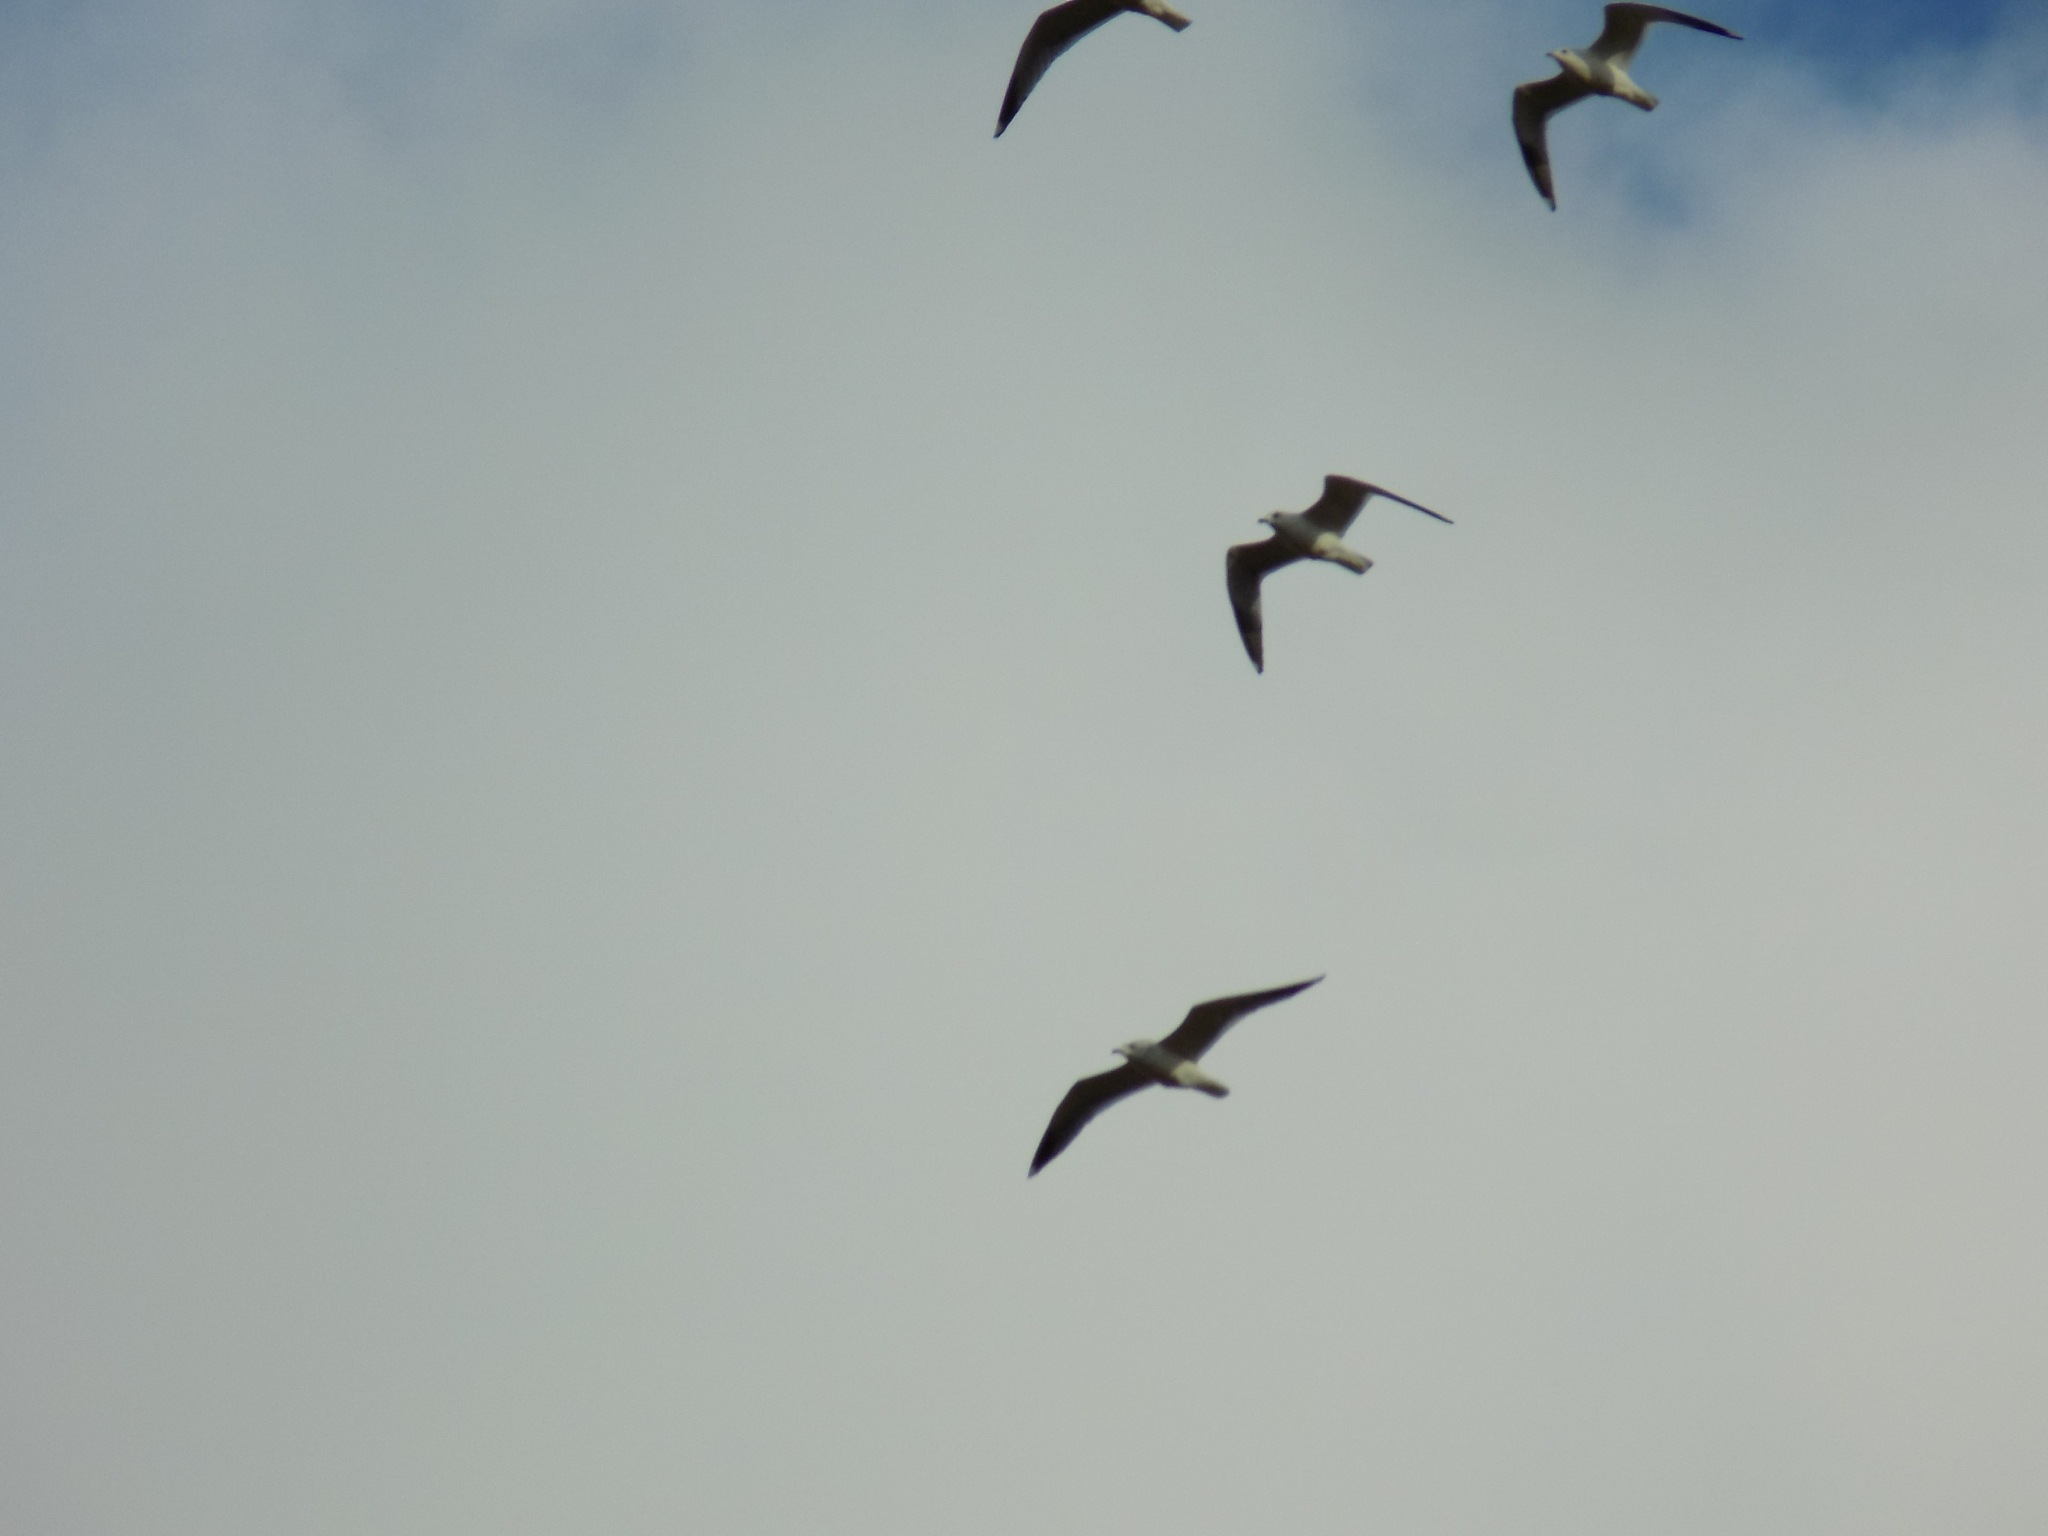 Flying birds by uzkuraitiene62